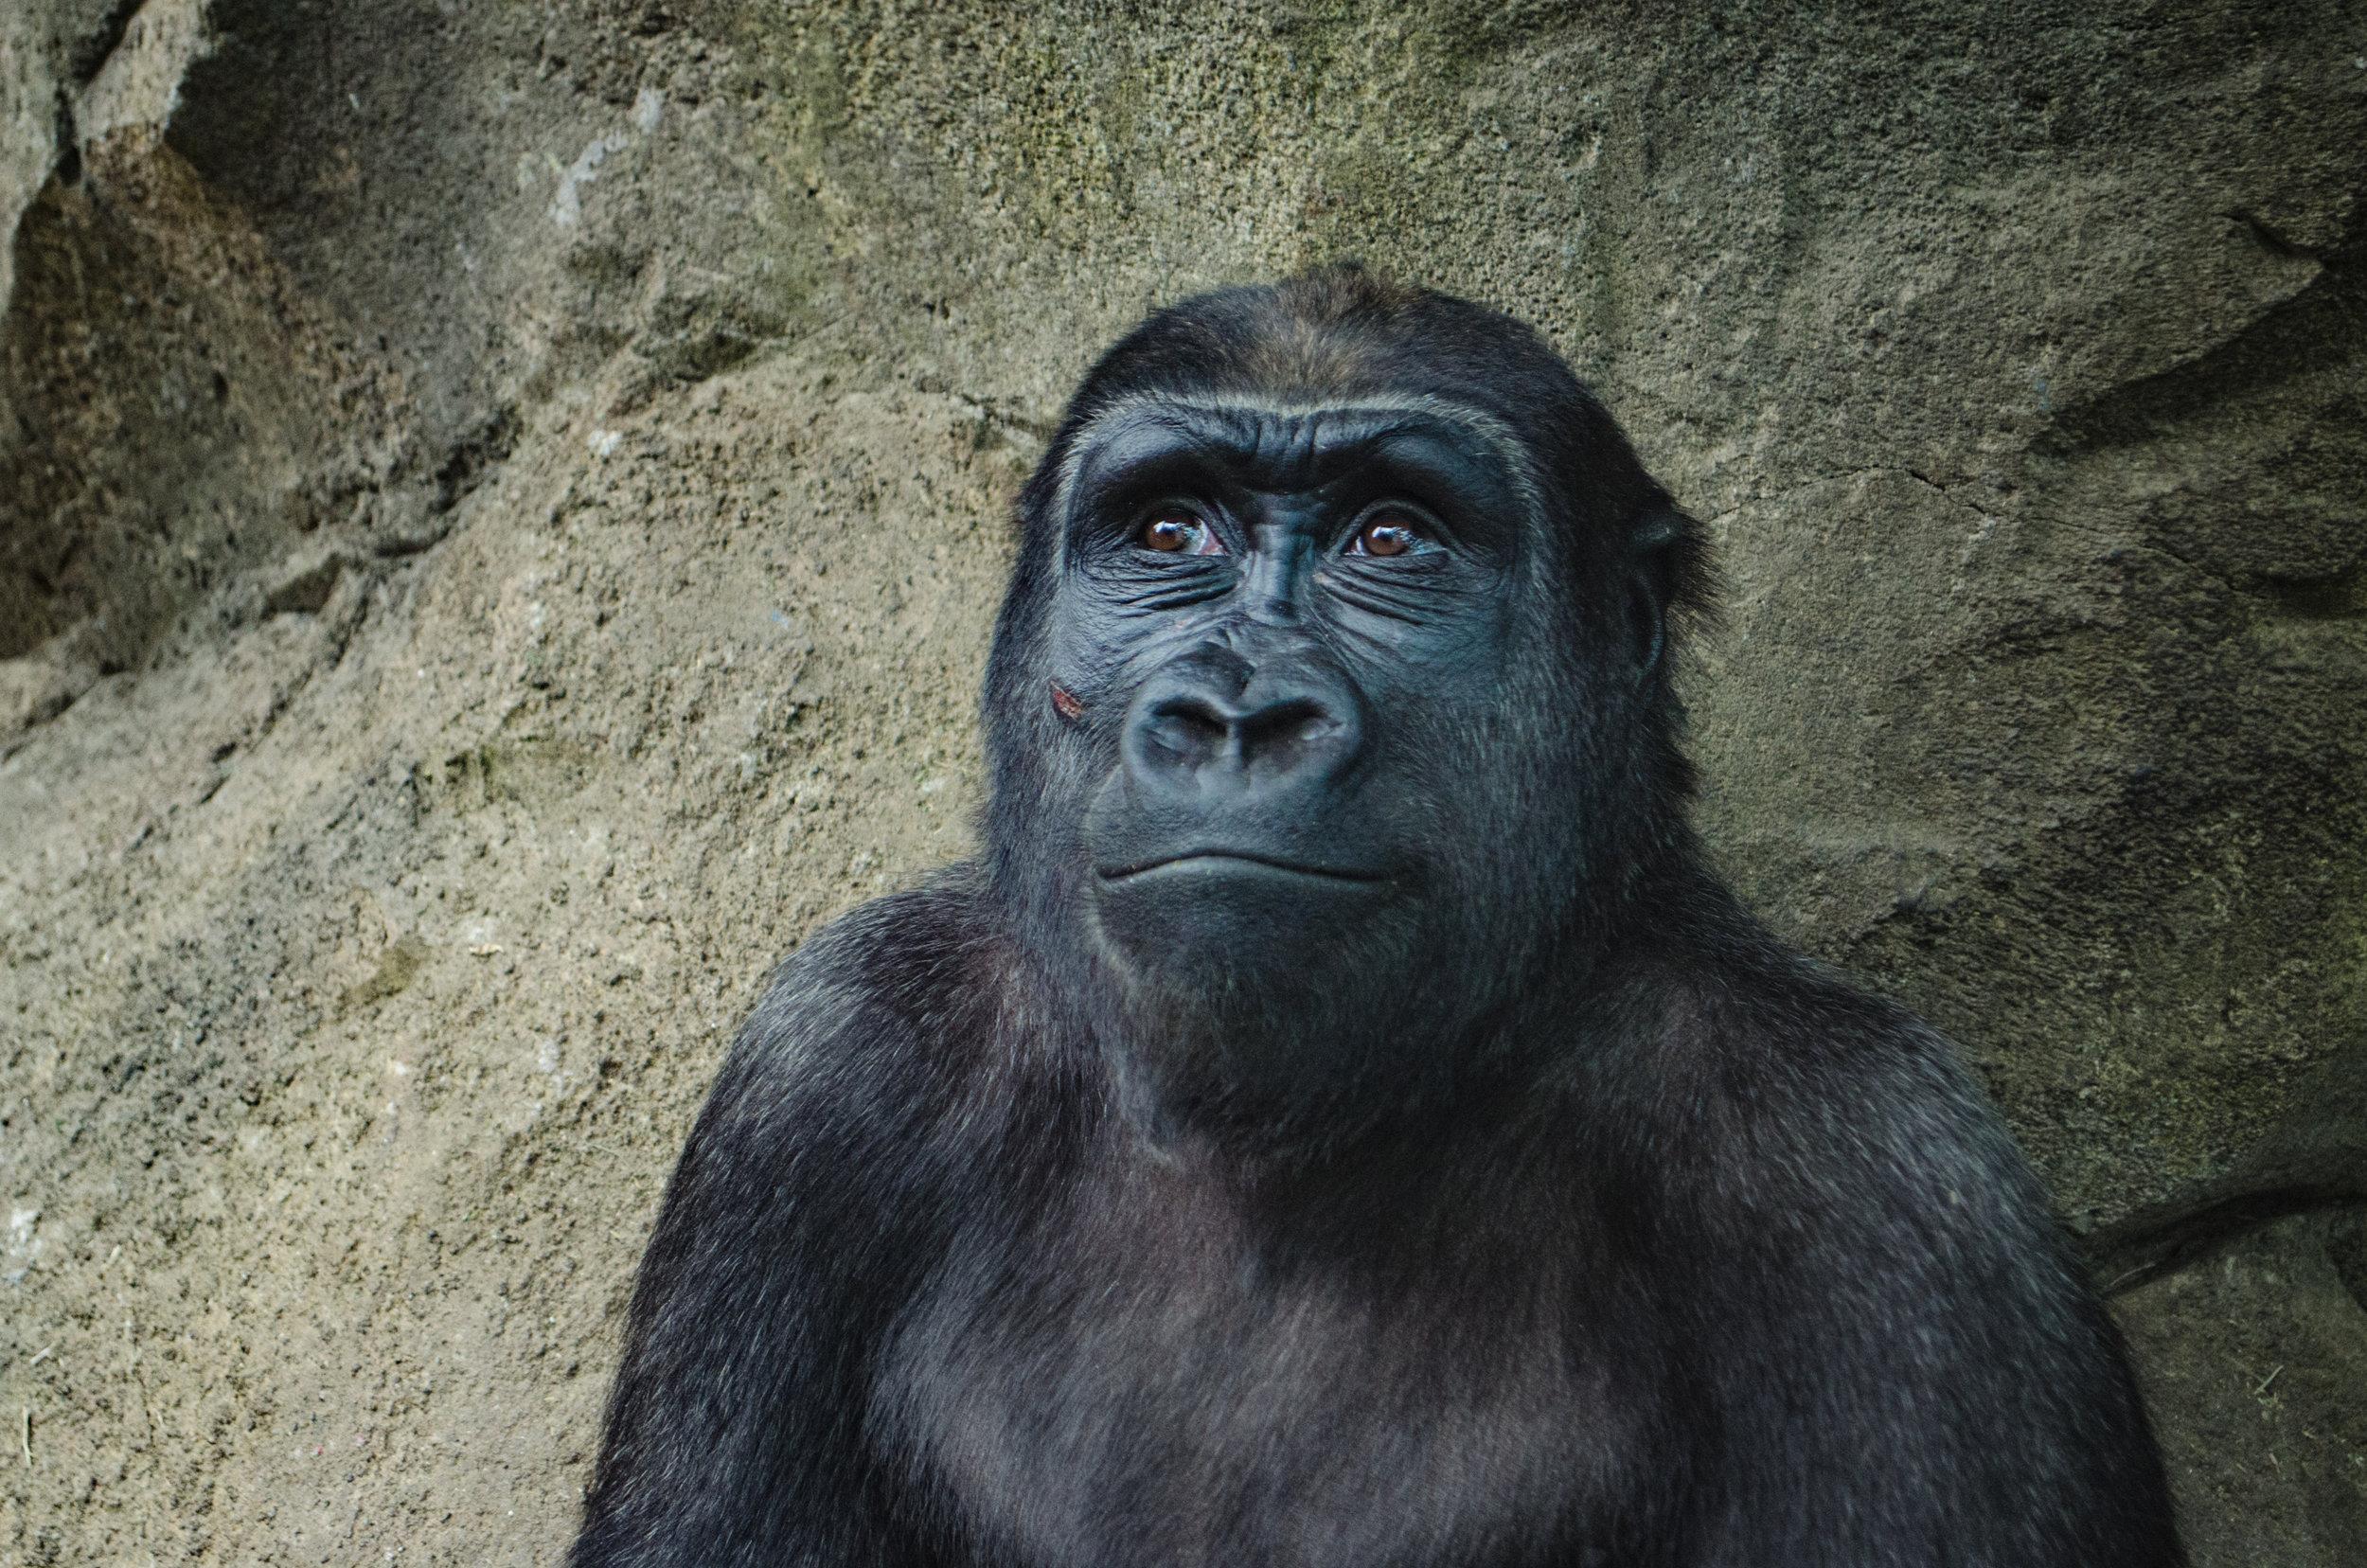 Image of a black gorilla. Credit: Kelly Sikkema/Unsplash